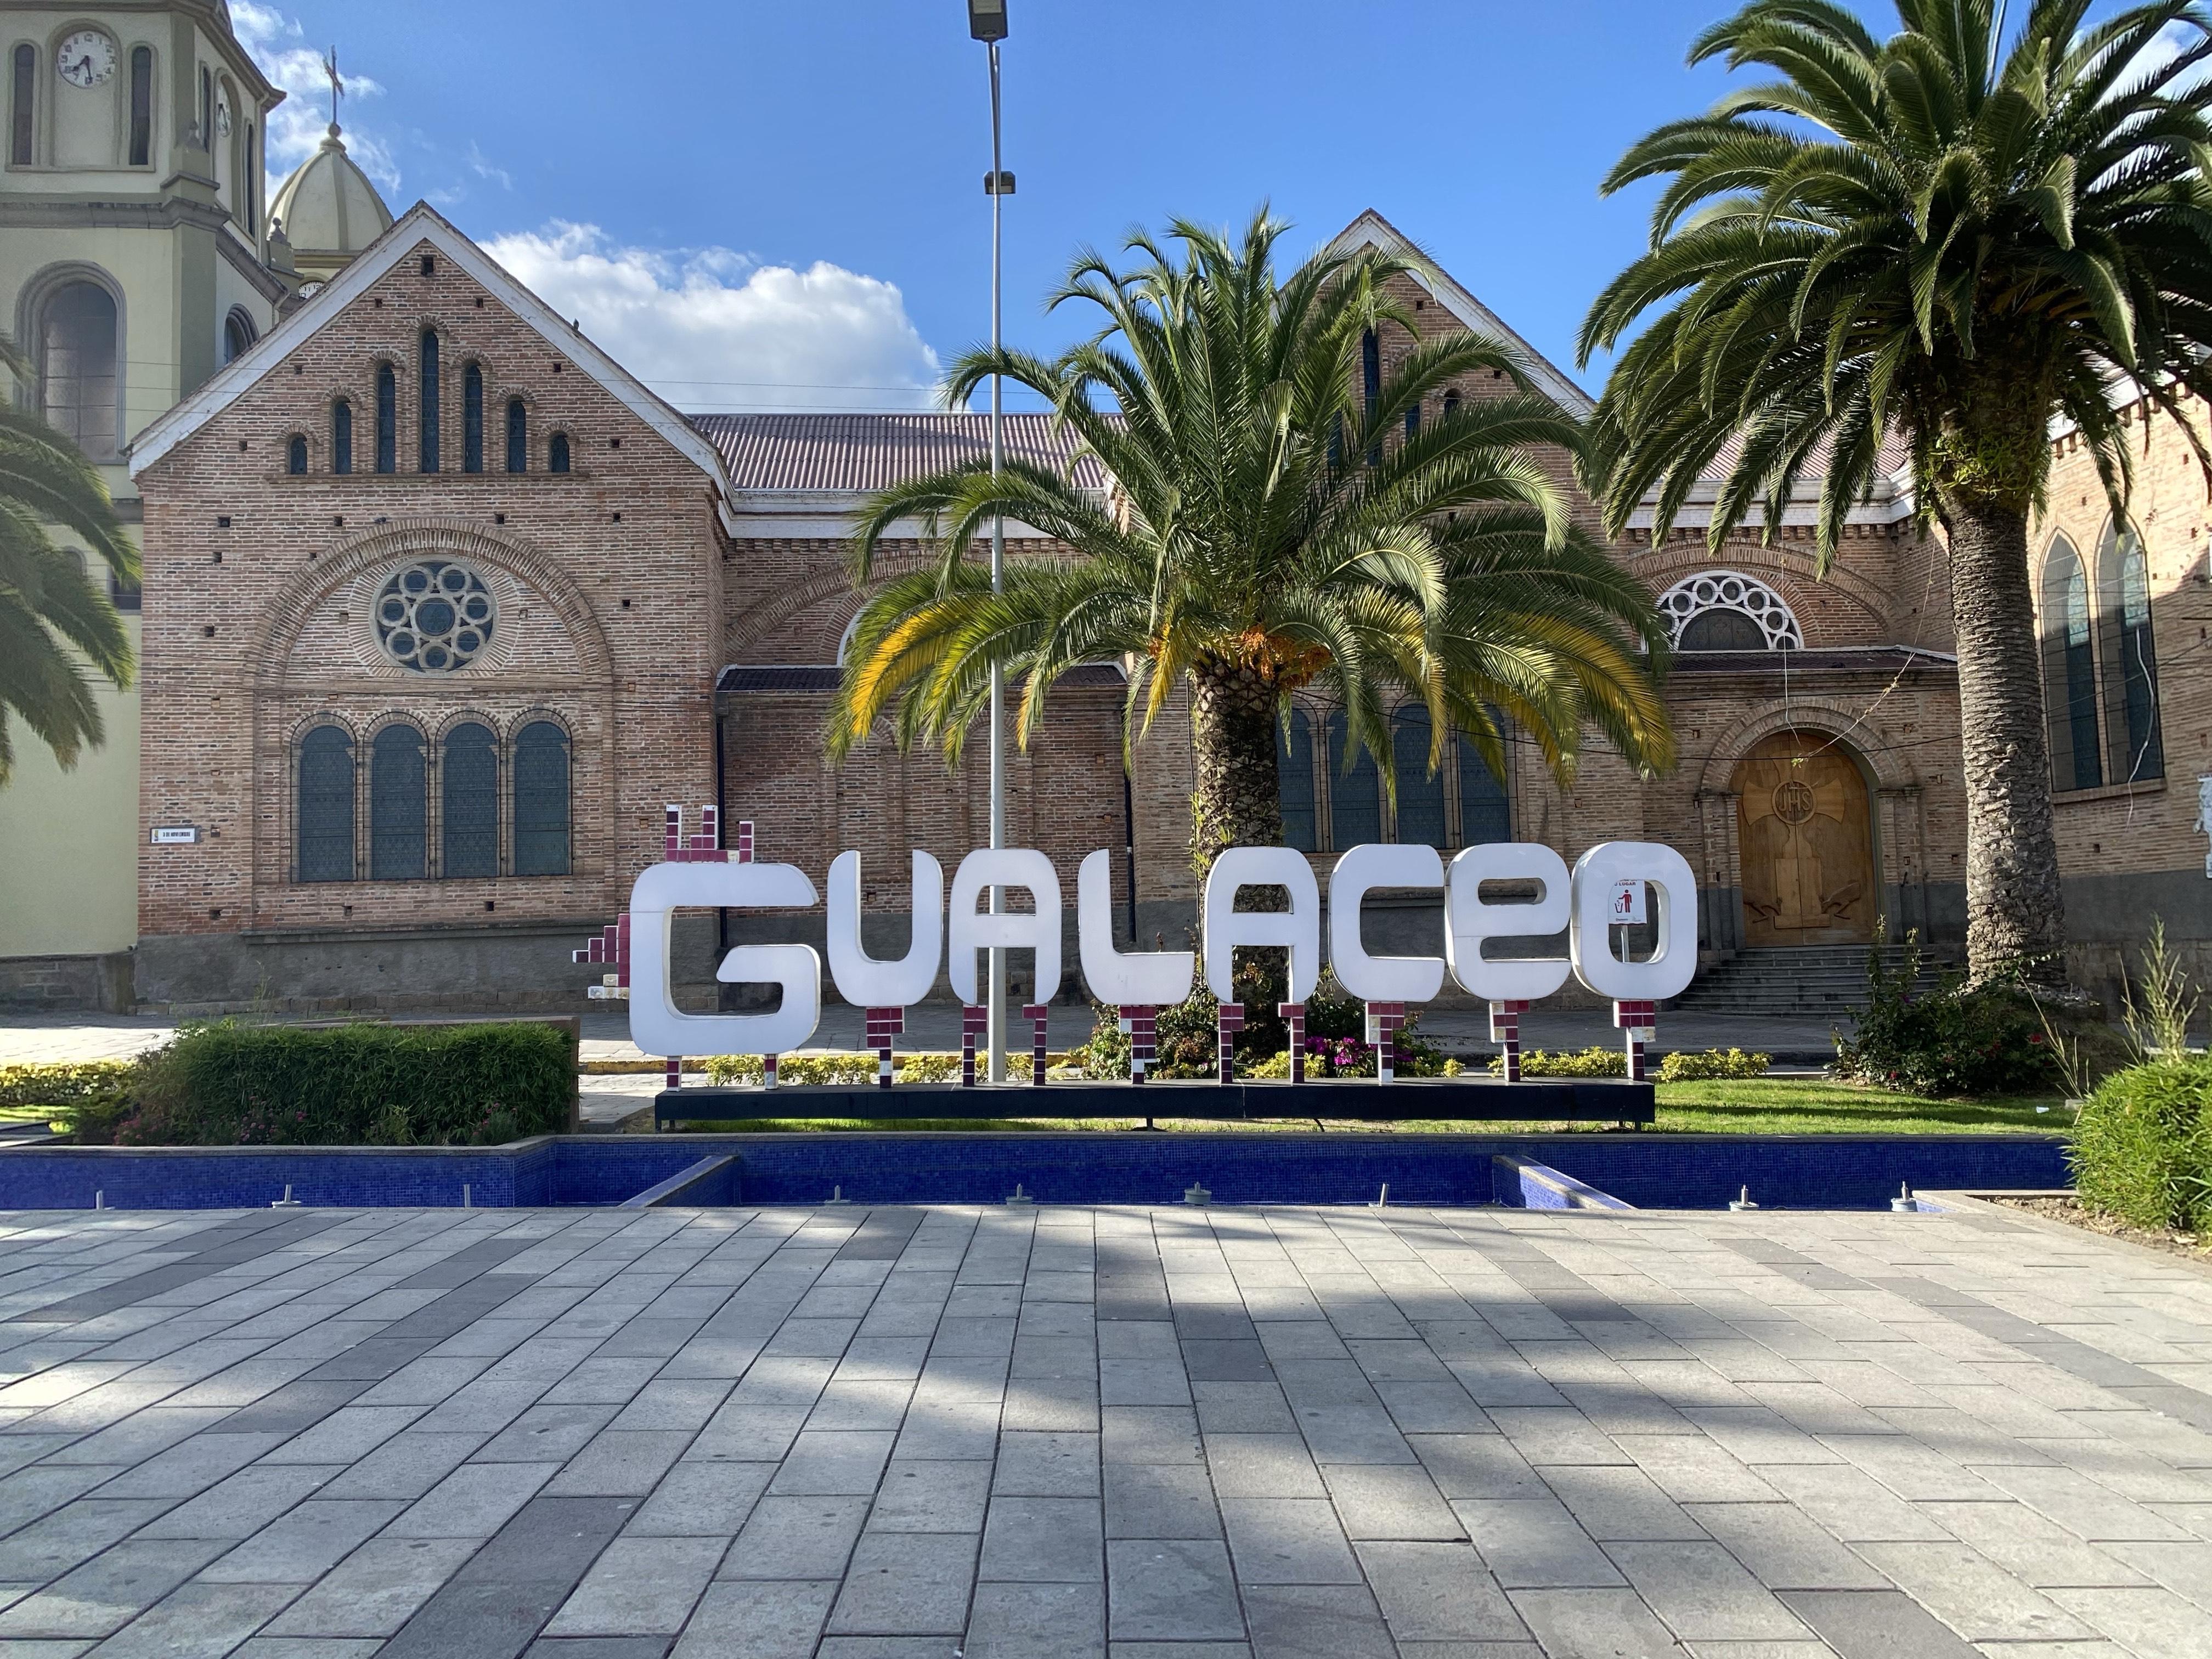 Archivo:Plaza Cívica de Gualaceo.jpg - Wikipedia, la enciclopedia libre